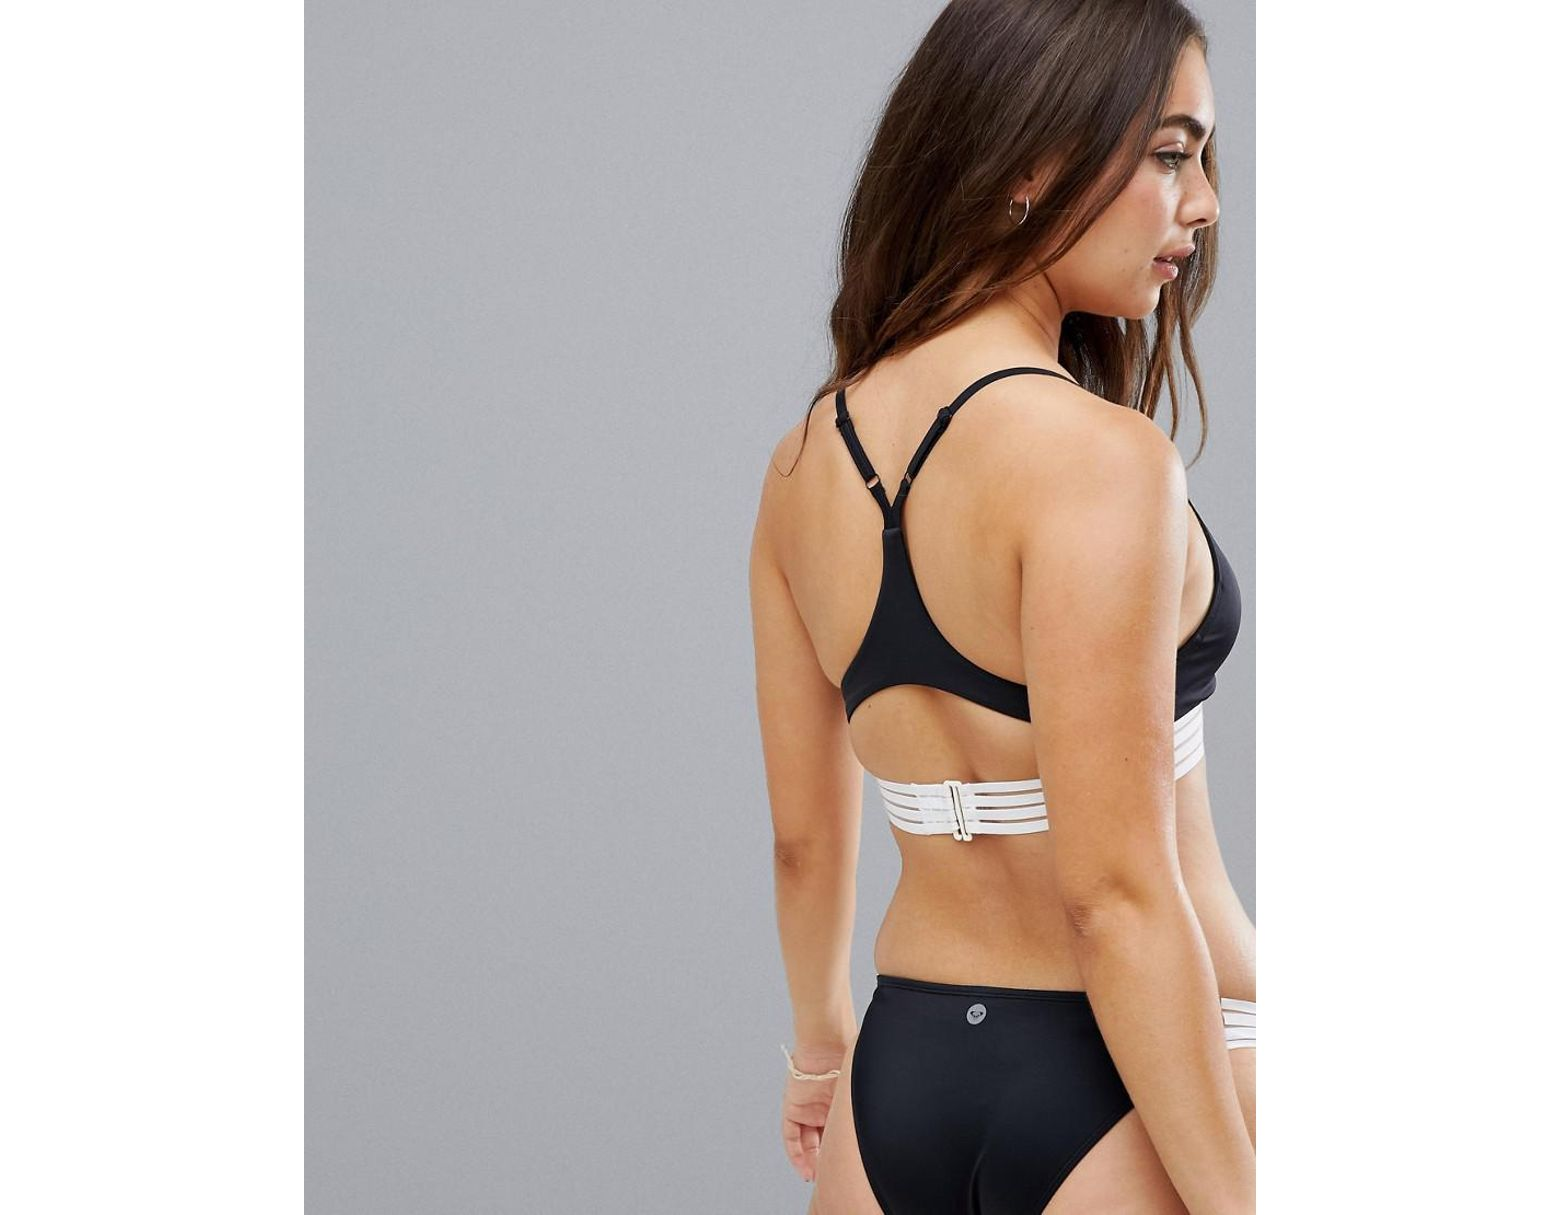 3b3404227068f Roxy Fitness Mod Athletic Triangle Bikini Top in Black - Lyst